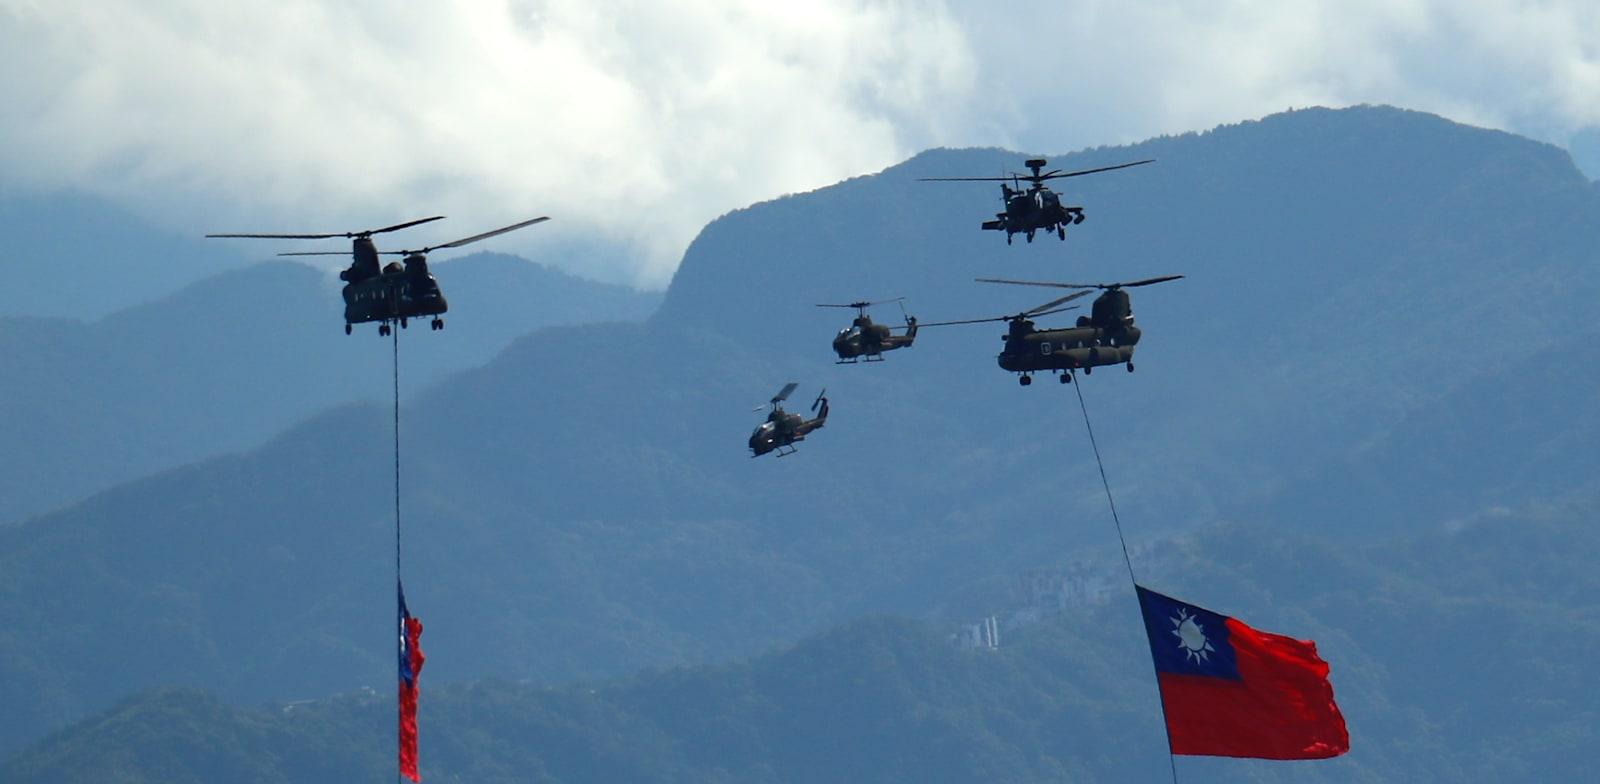 מסוקים צבאיים של טייוואן נושאים דגלים לאומיים ברקע המתיחות מול סין, בשבוע שעבר / צילום: Reuters, Ceng Shou Yi